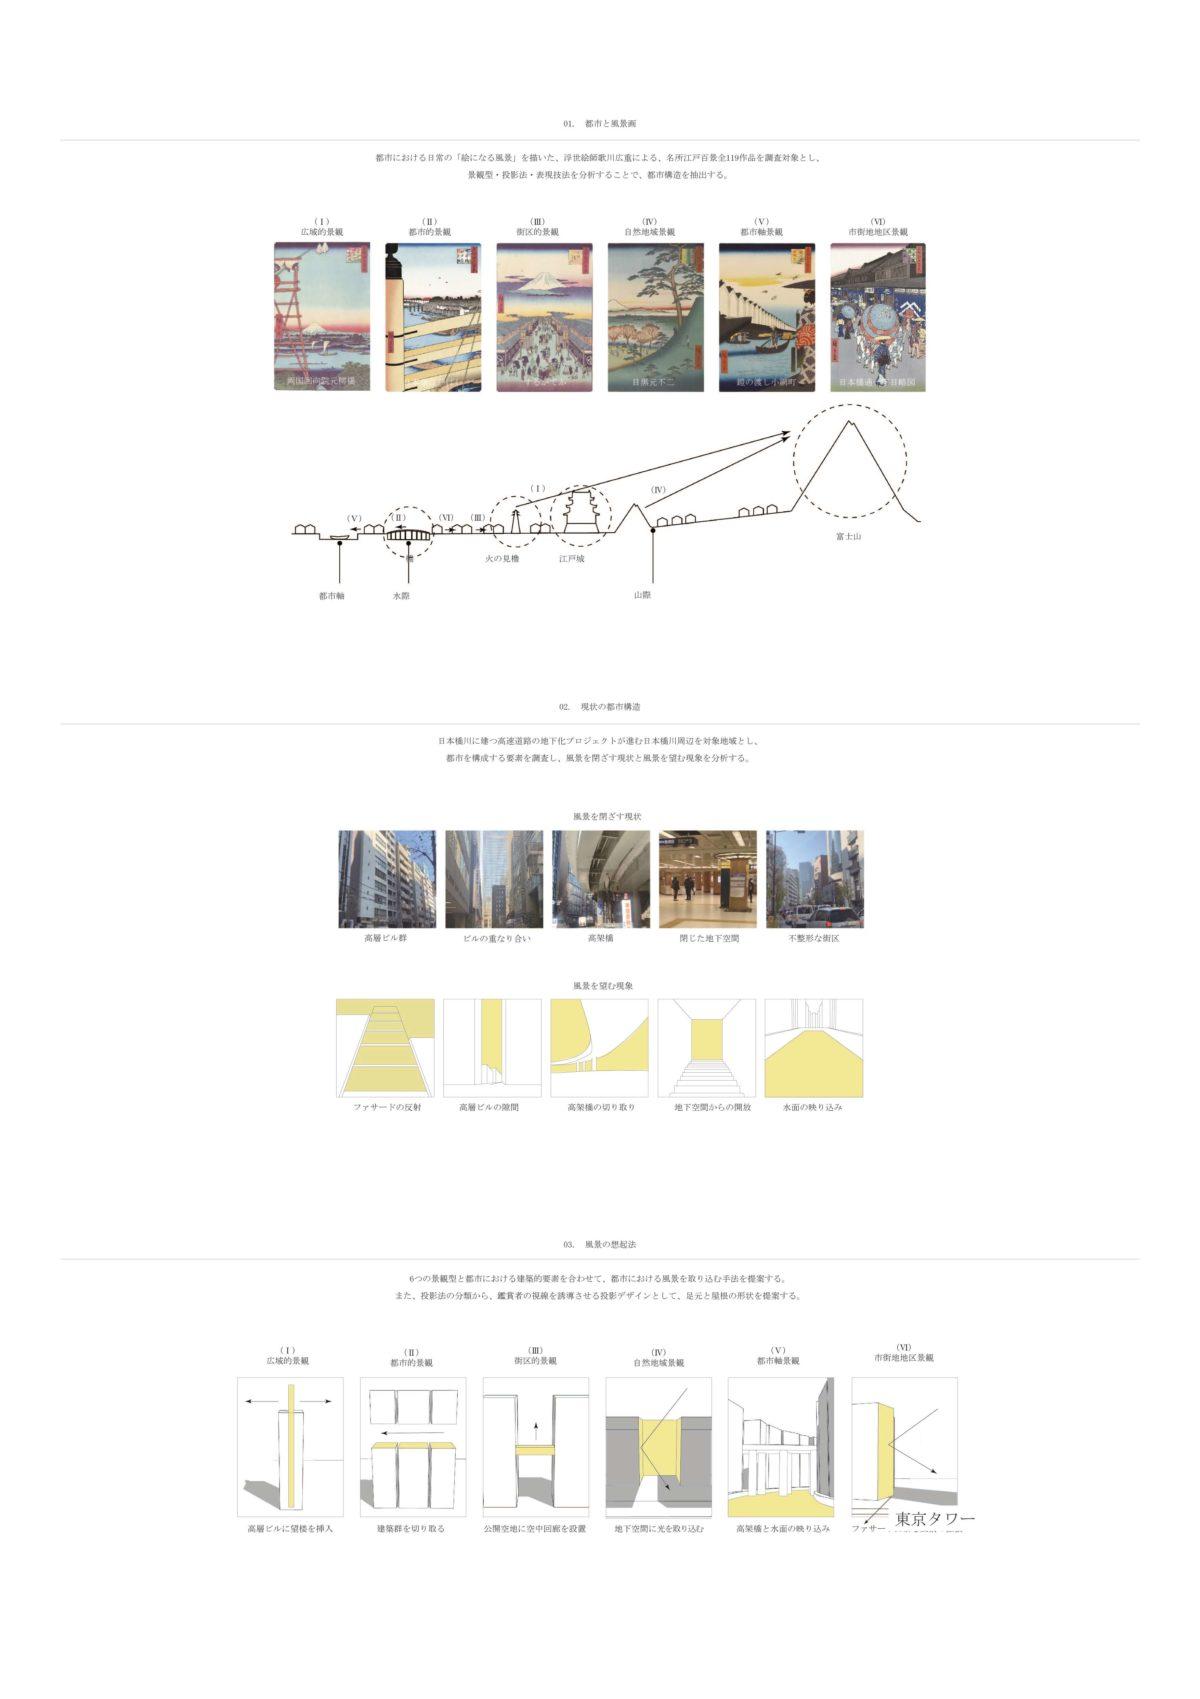 風景を想起する第五世代美術館建築 -歌川広重による名所江戸百景の分析を通して--2